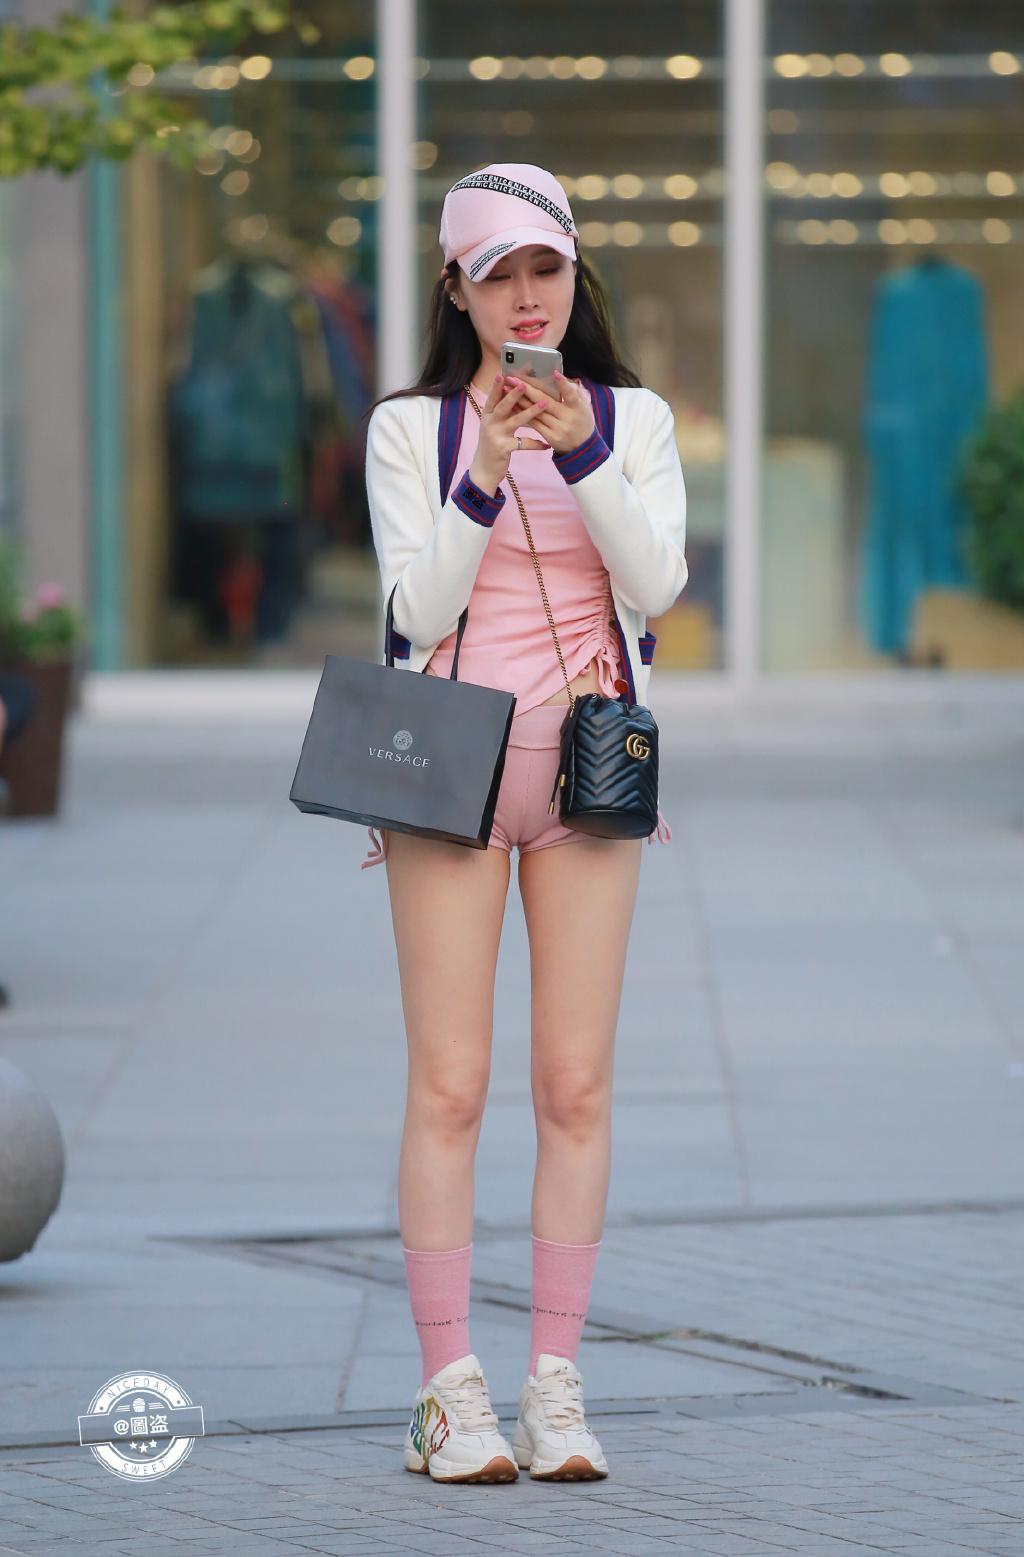 他们都说这袜子有点紧了 可能是袜子不太合身 网络美女 第3张